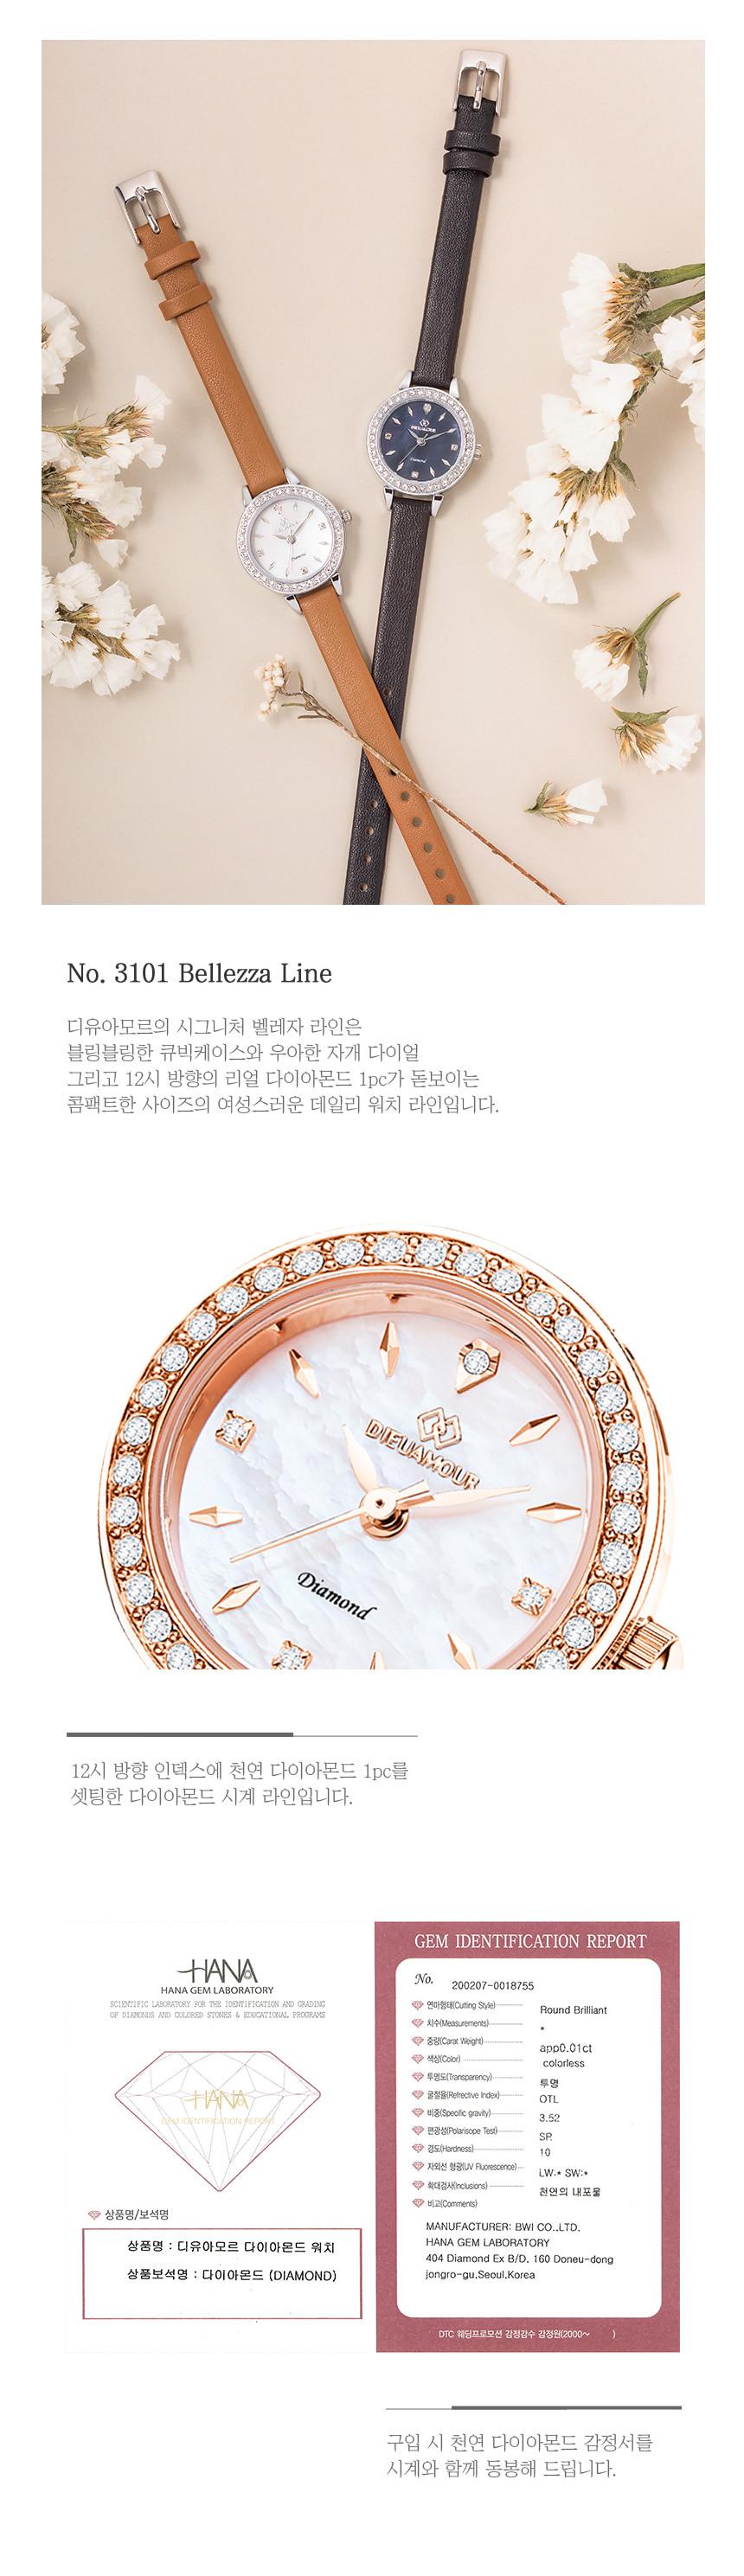 디유아모르 여성 가죽밴드시계 DAW3101L-BK 다이아몬드 시계 - (주)비더블유아이, 192,000원, 여성시계, 가죽시계